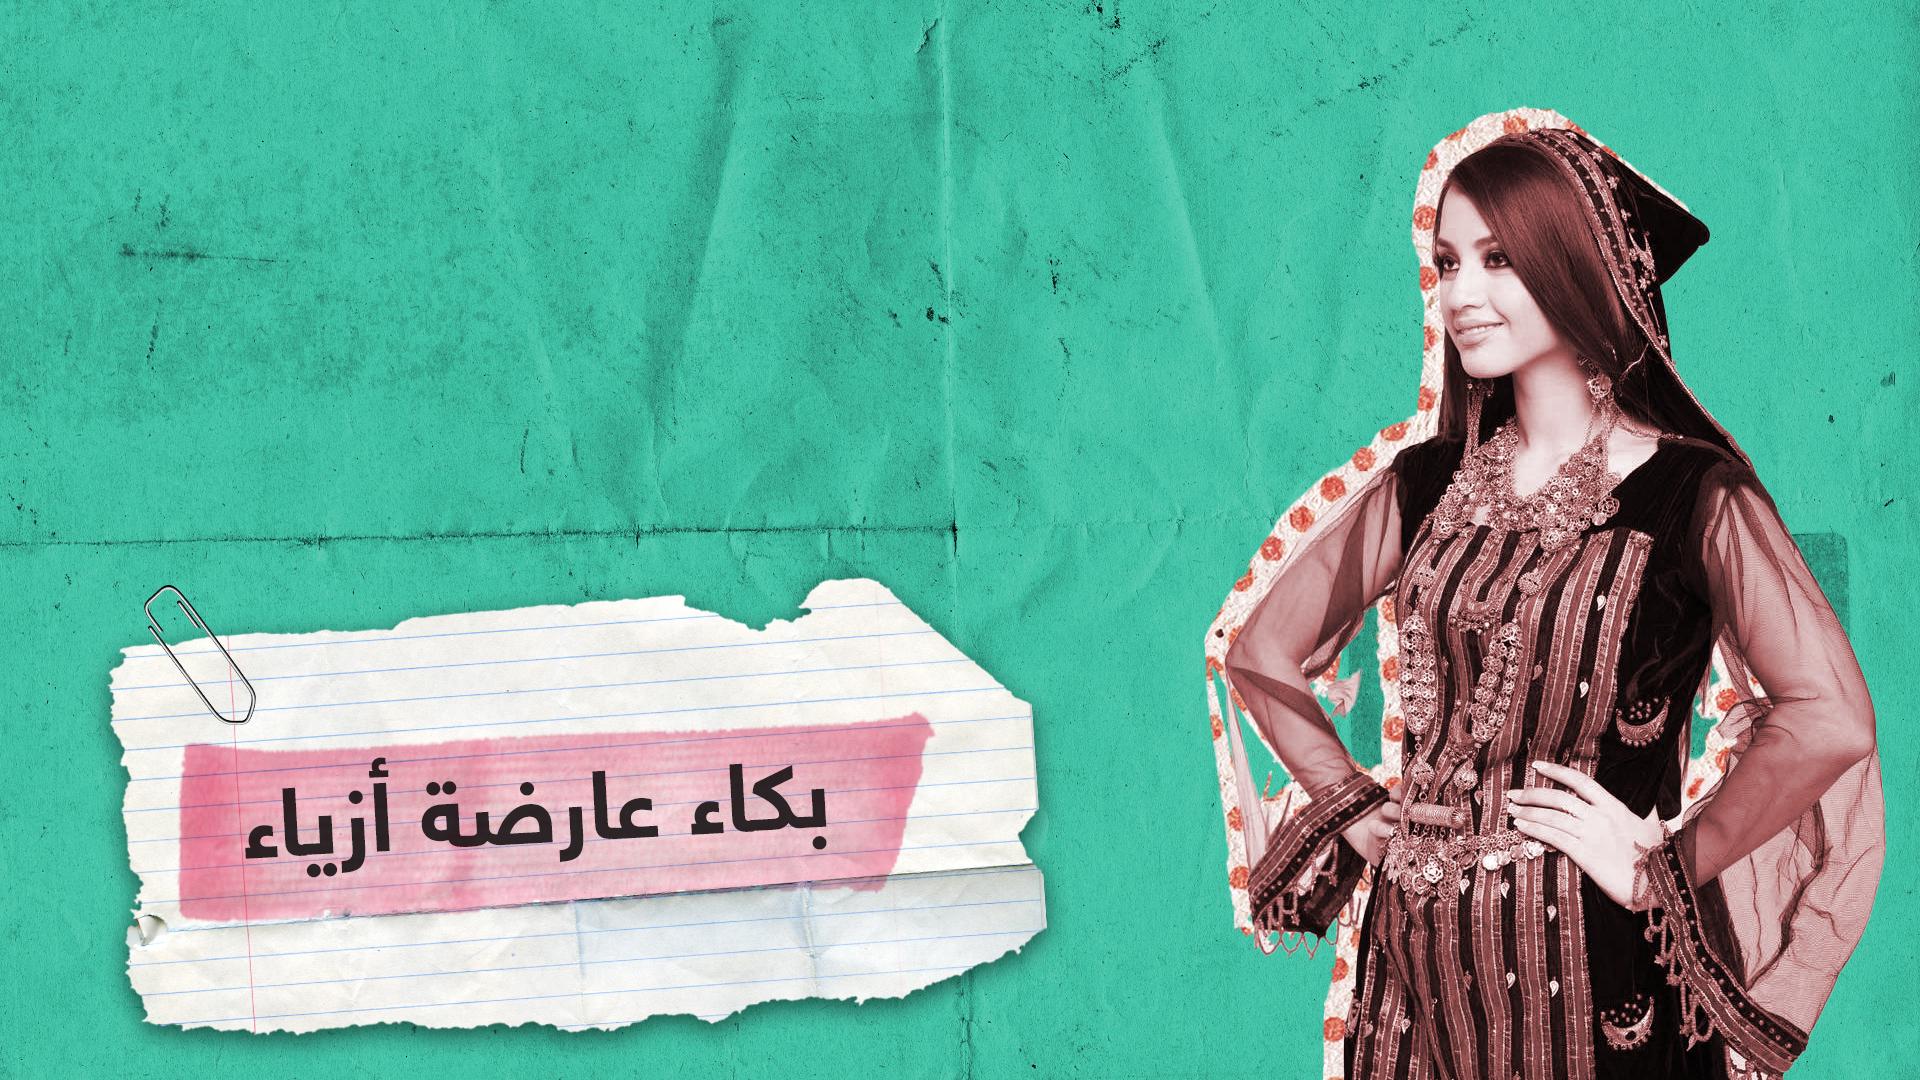 عارضة يمنية روسية تبكي قرضنة حسابها على إنستغرام